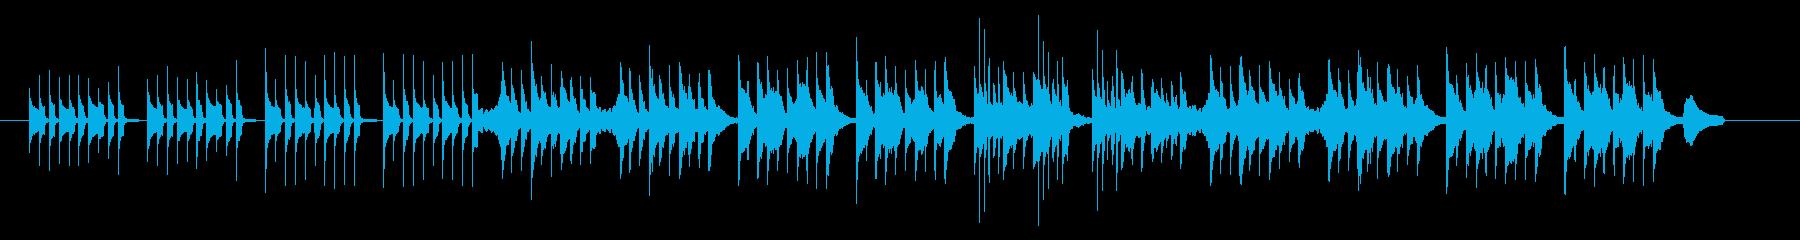 のほほんとしたかわいいBGMの再生済みの波形